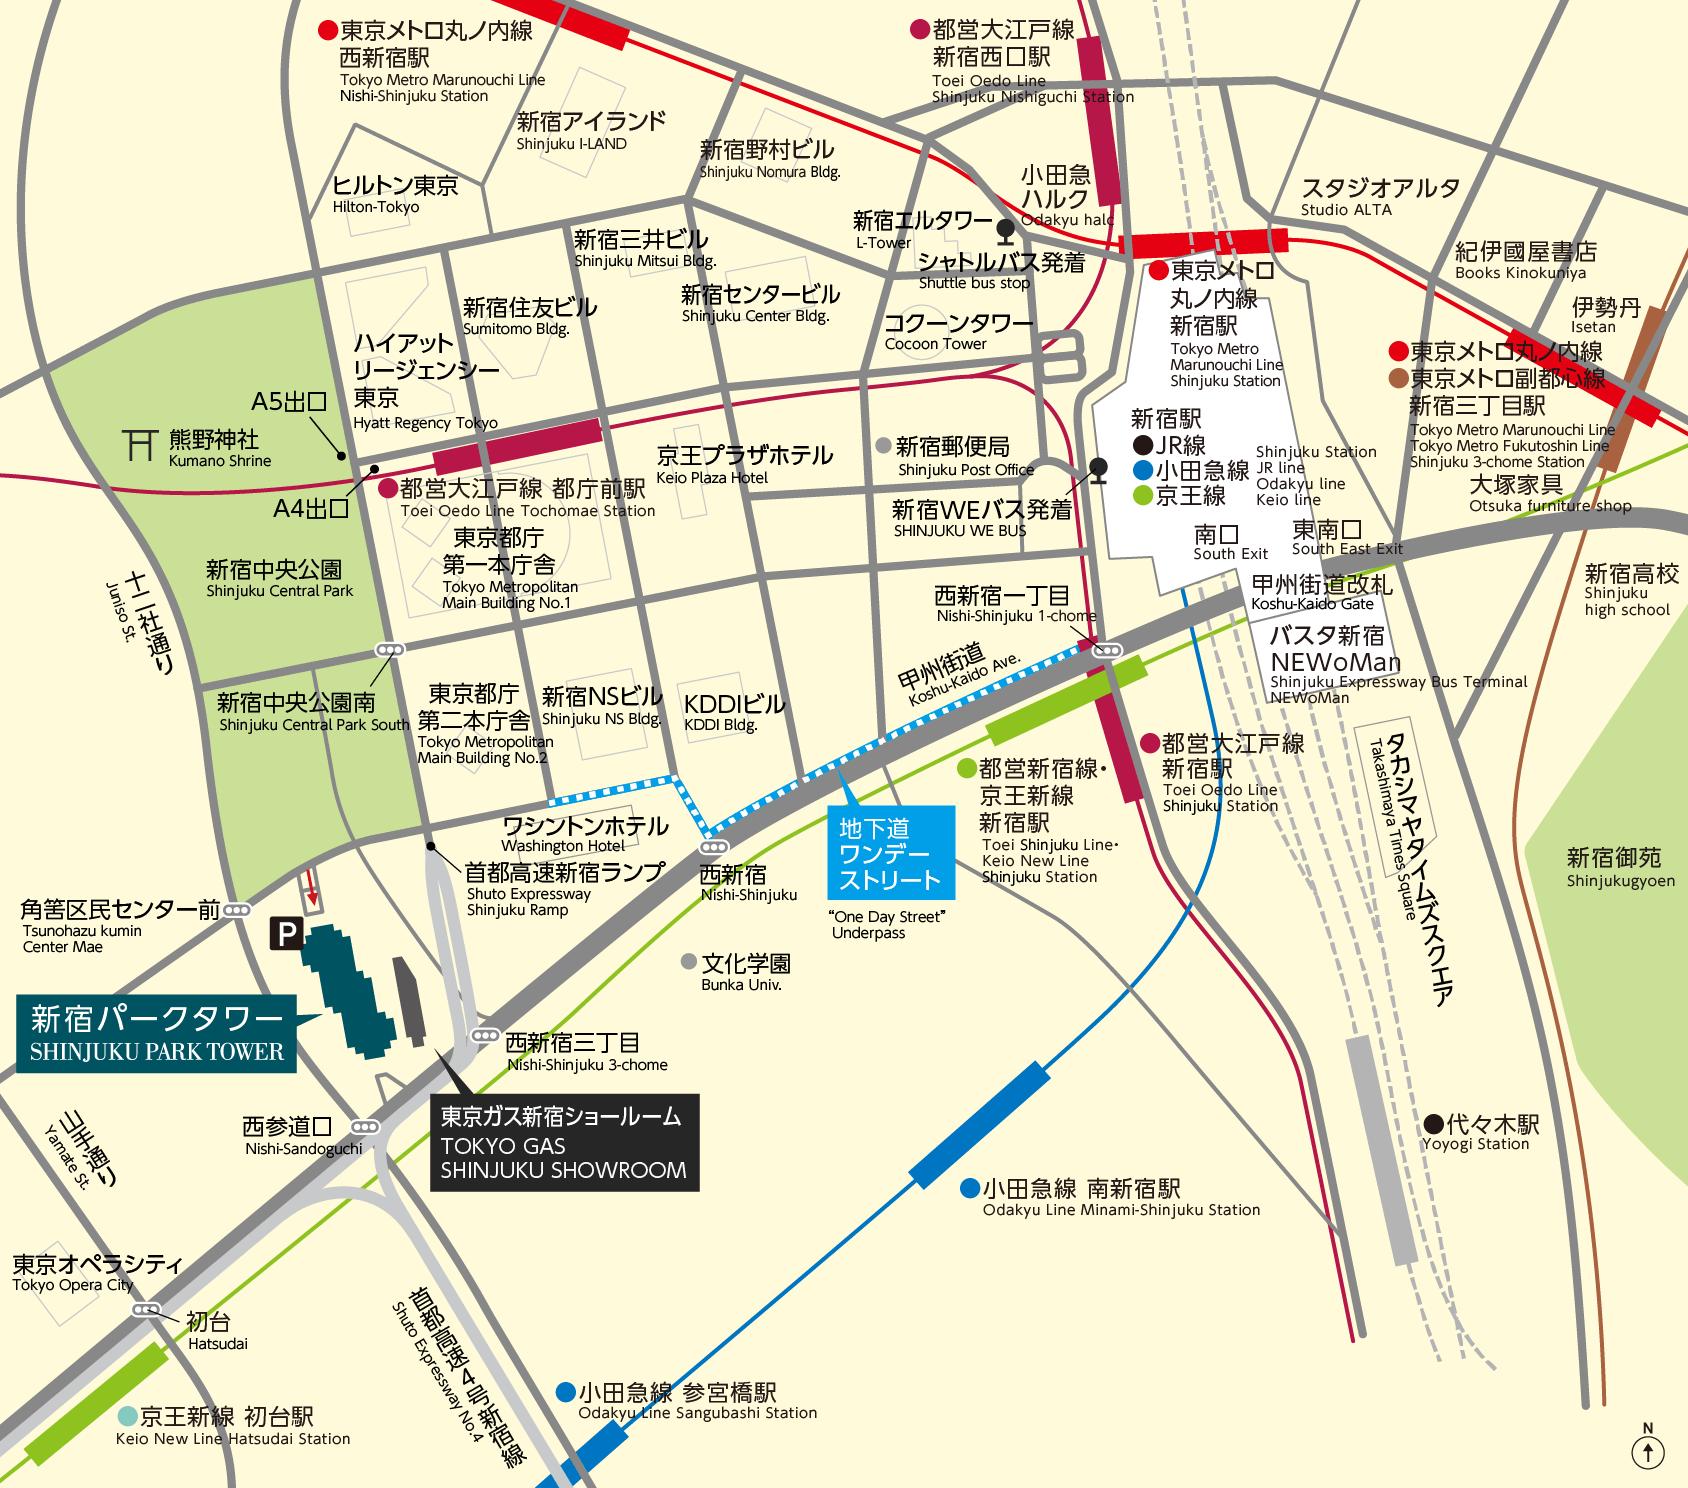 JR新宿駅をはじめ私鉄・地下鉄各線からアクセス可能です。